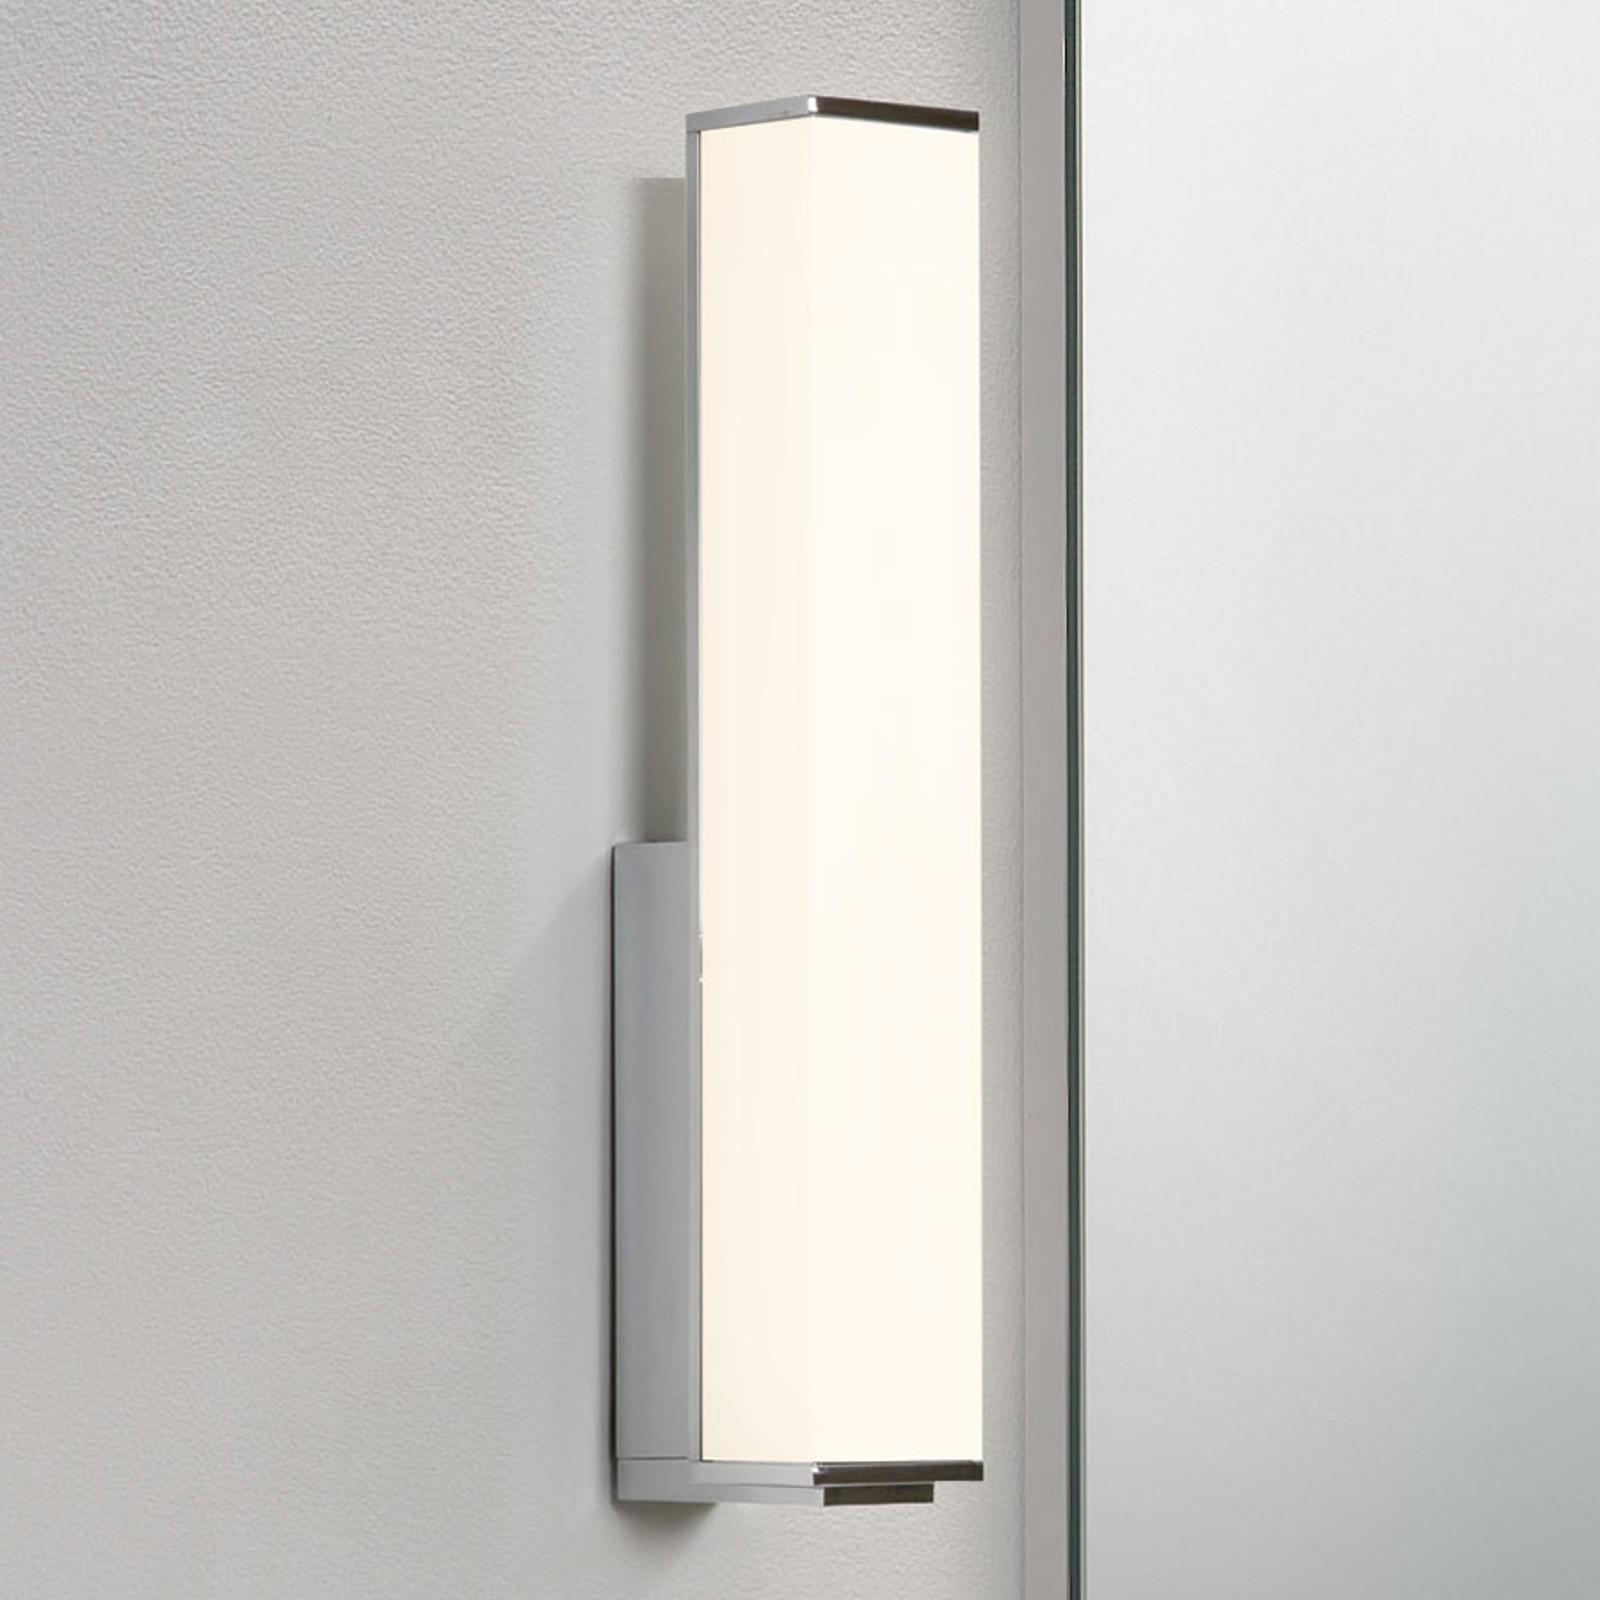 Astro Karla LED-Spiegelleuchte fürs Badezimmer